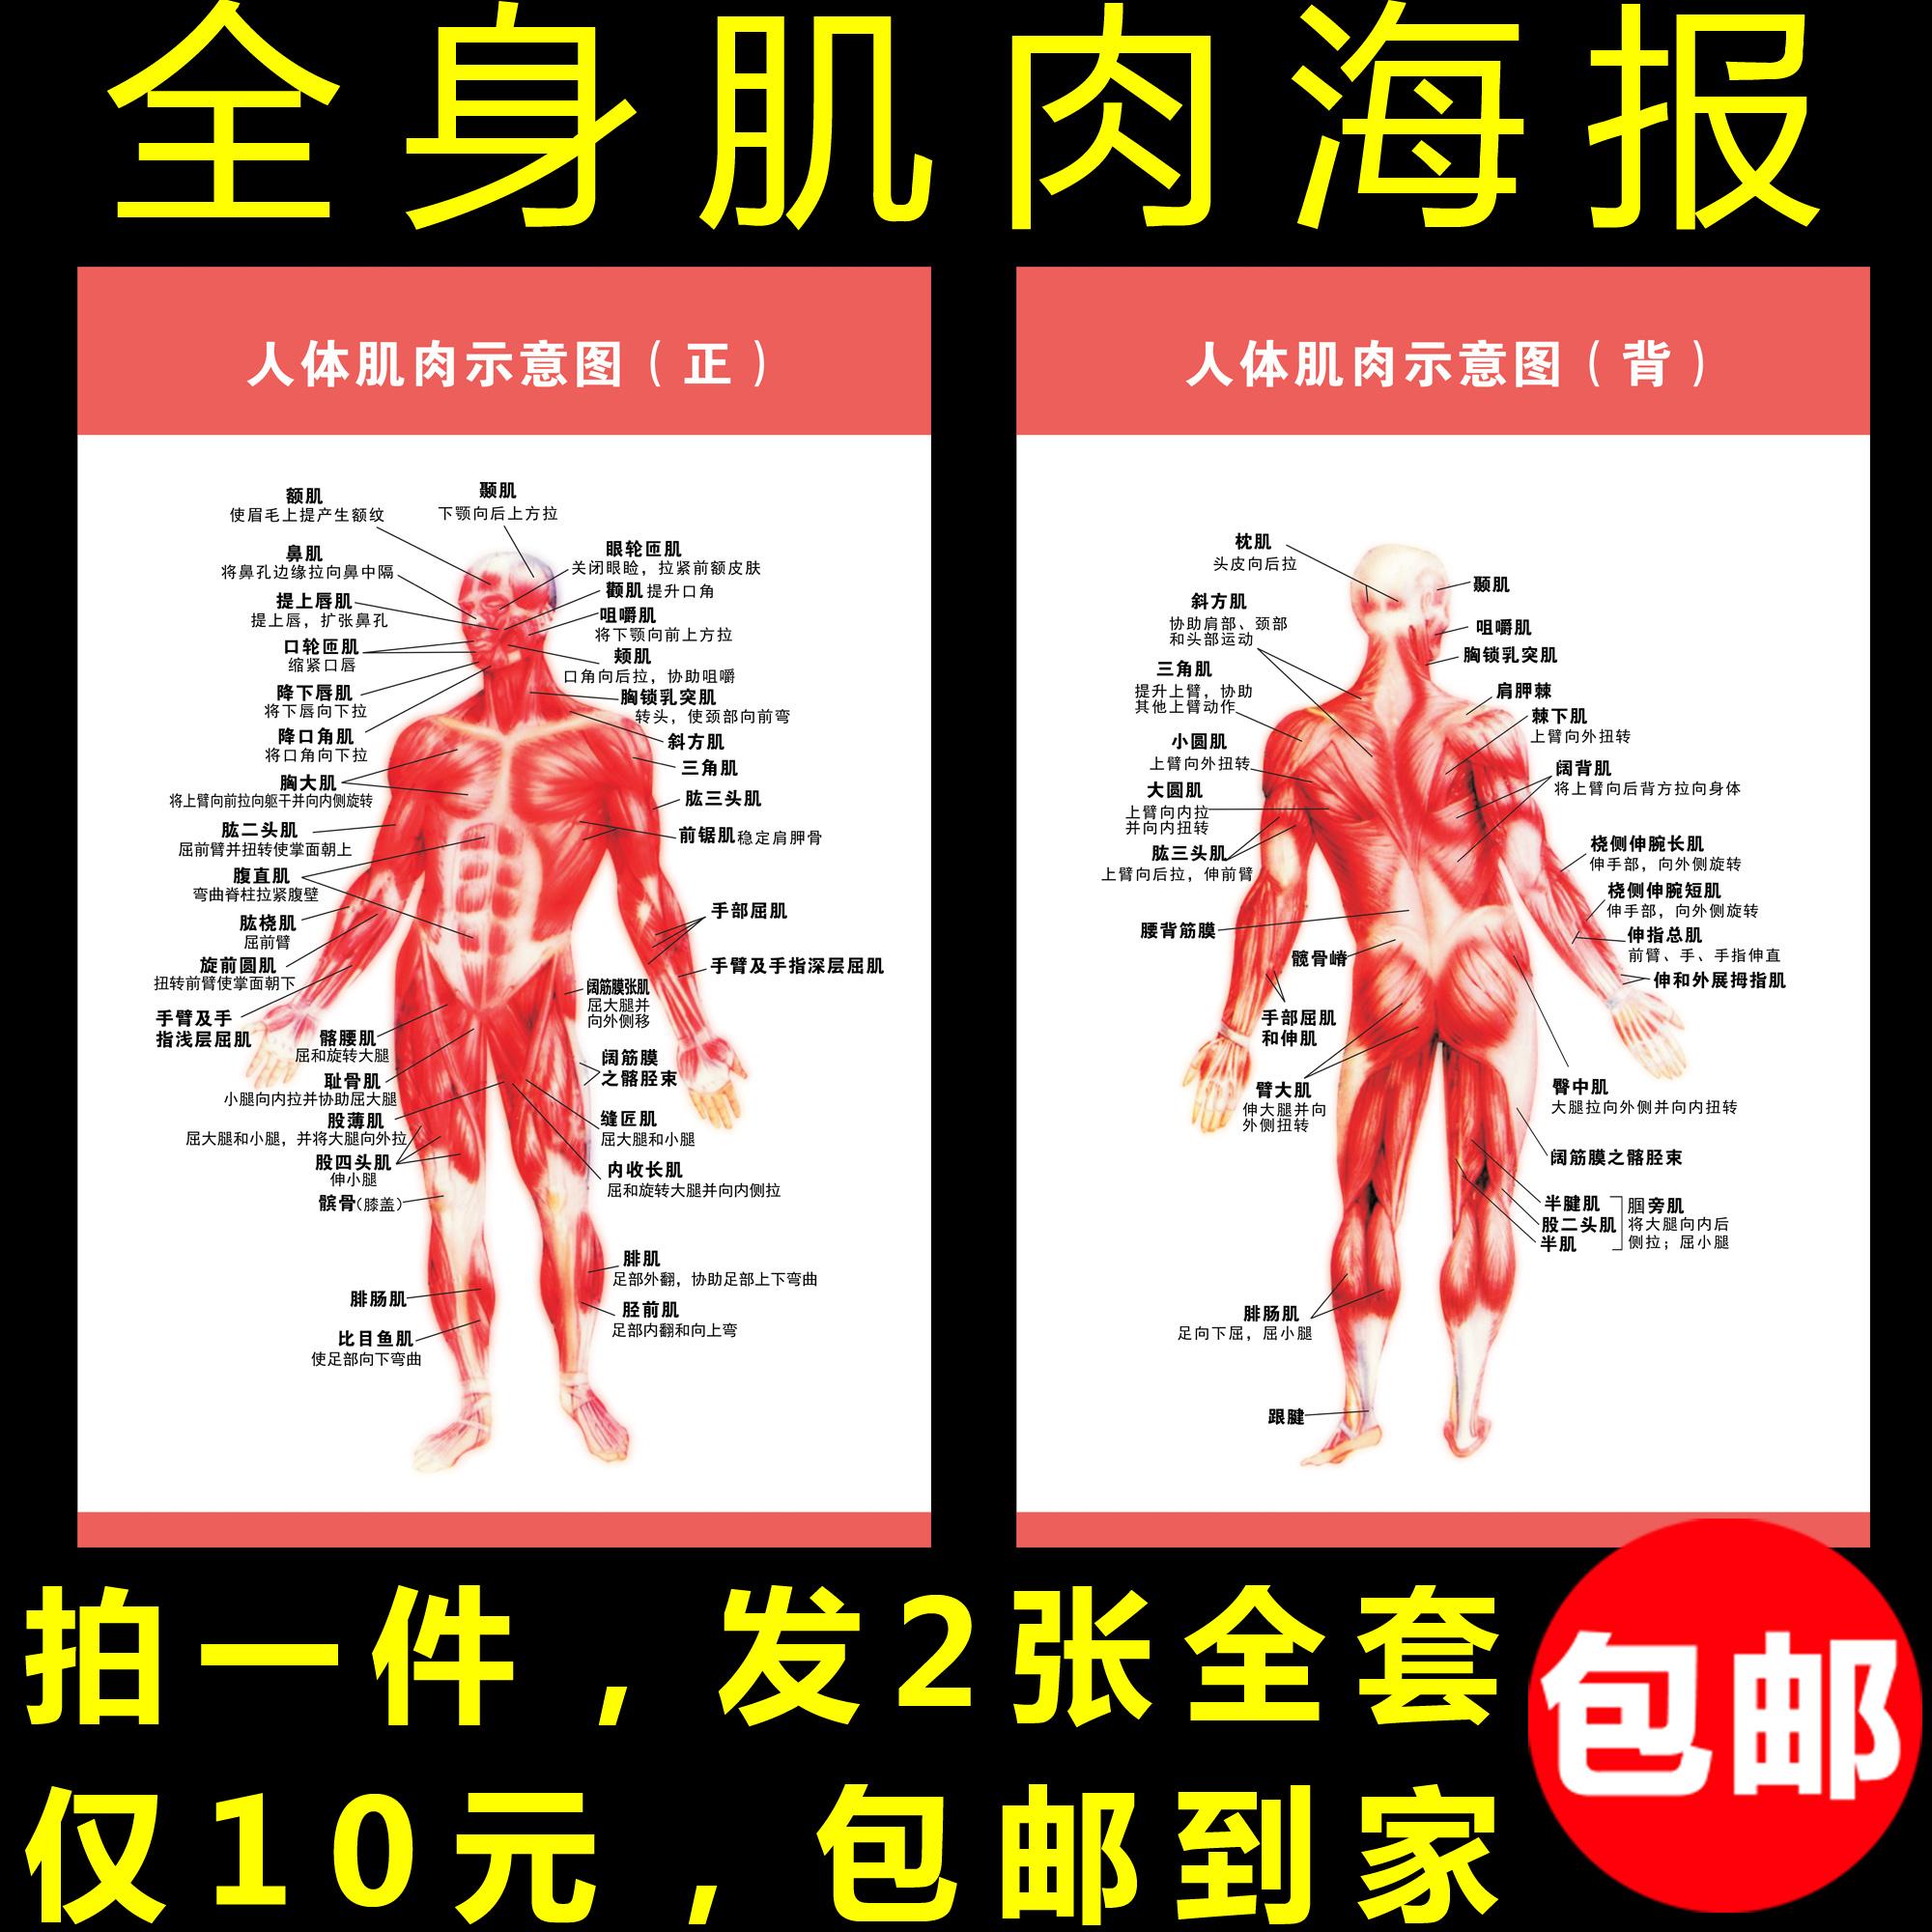 人体构成结构示意图_脊椎相关疾病的脊髓节段关系模式图示意图人体解剖图